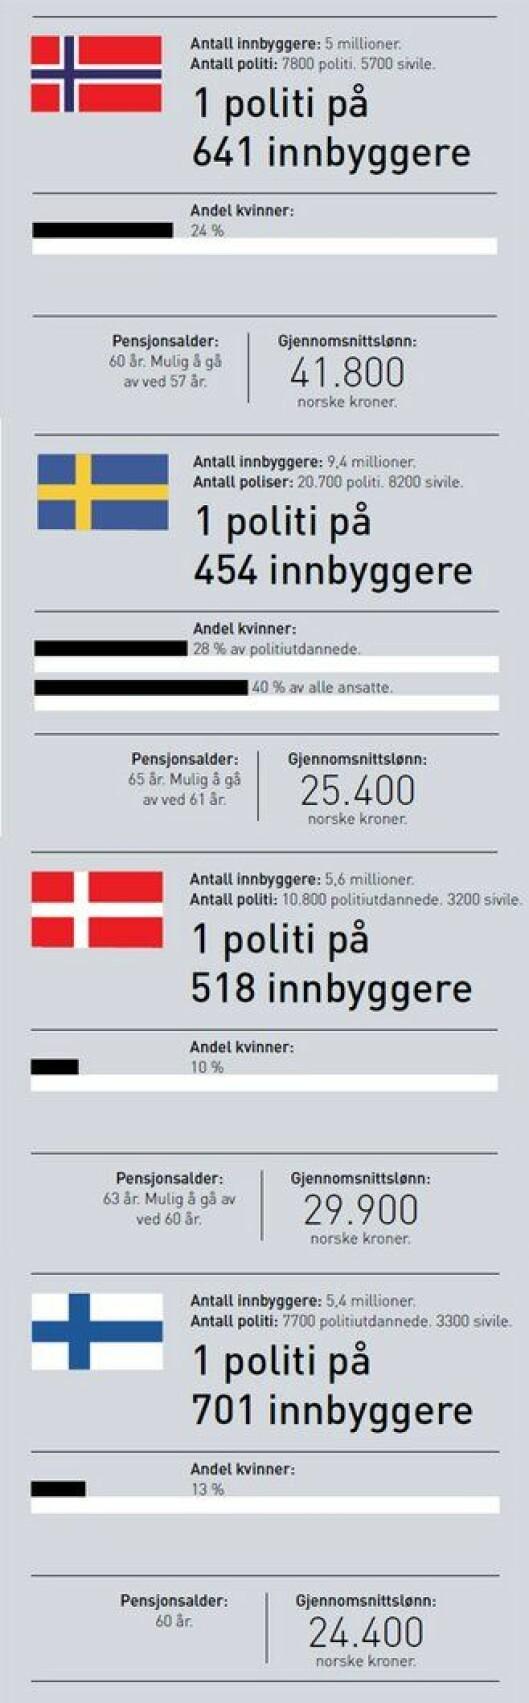 Sammenligning av politiet i Norden.